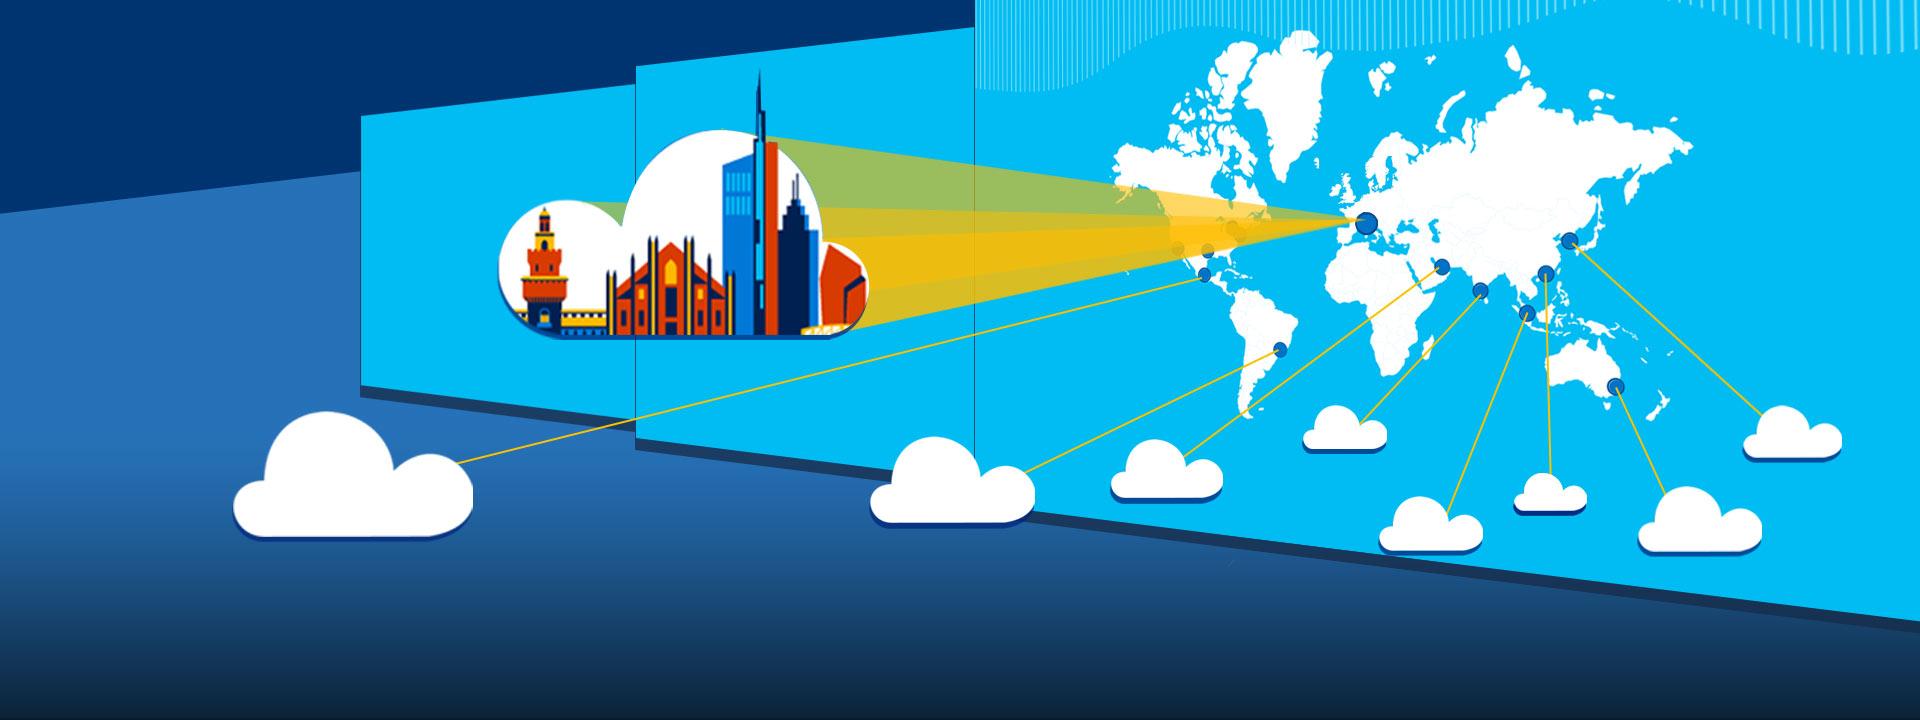 Microsoft Cloud Roadshow, iscriviti gratuitamente